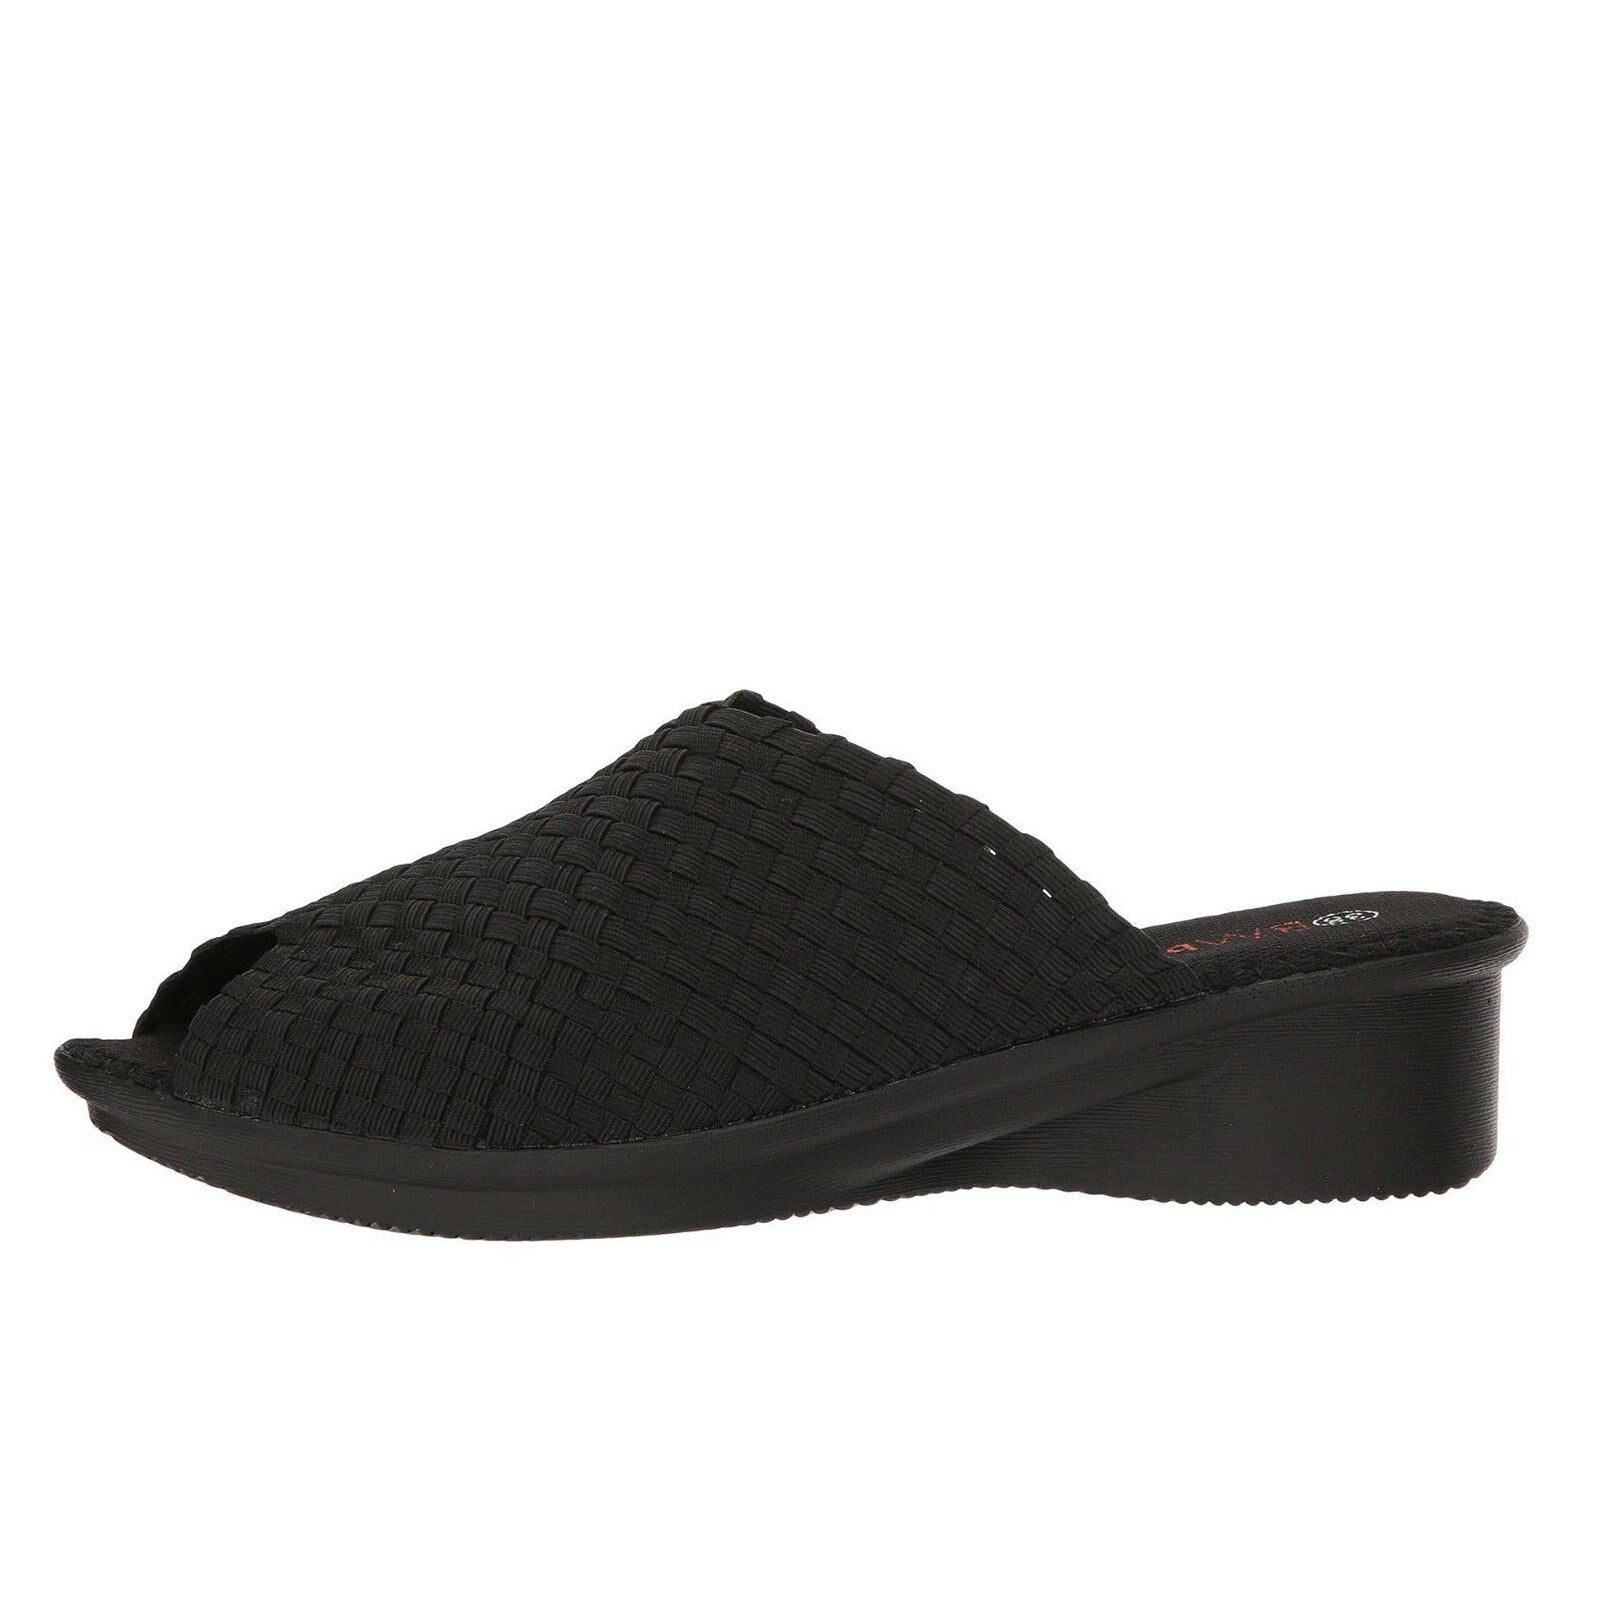 marchio in liquidazione Bernie Mev Cyrene nero Donna  Slip On On On Wedge Sandal  migliore vendita